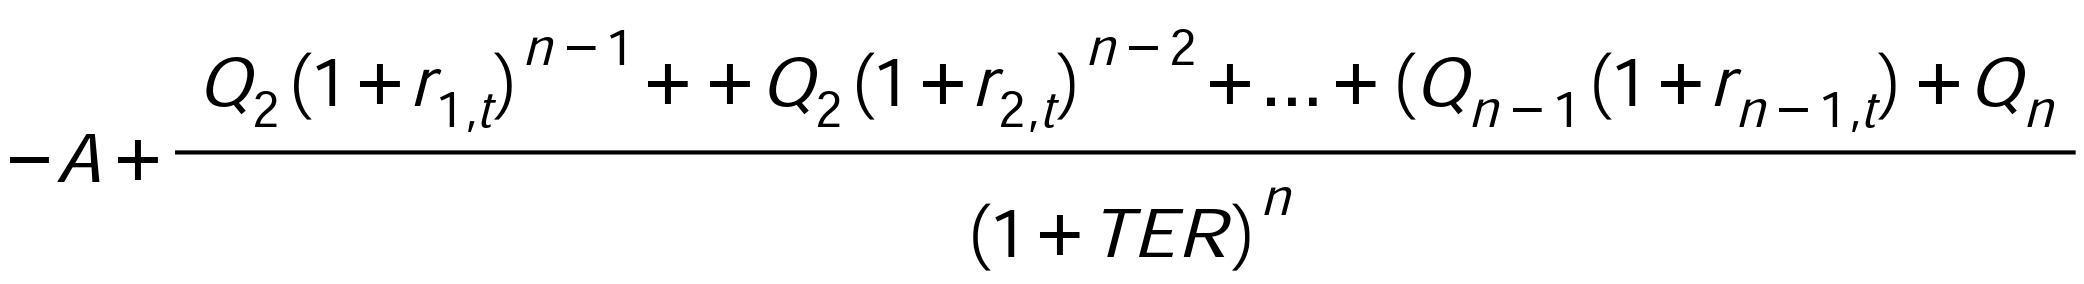 formula Rentabilidad efectiva